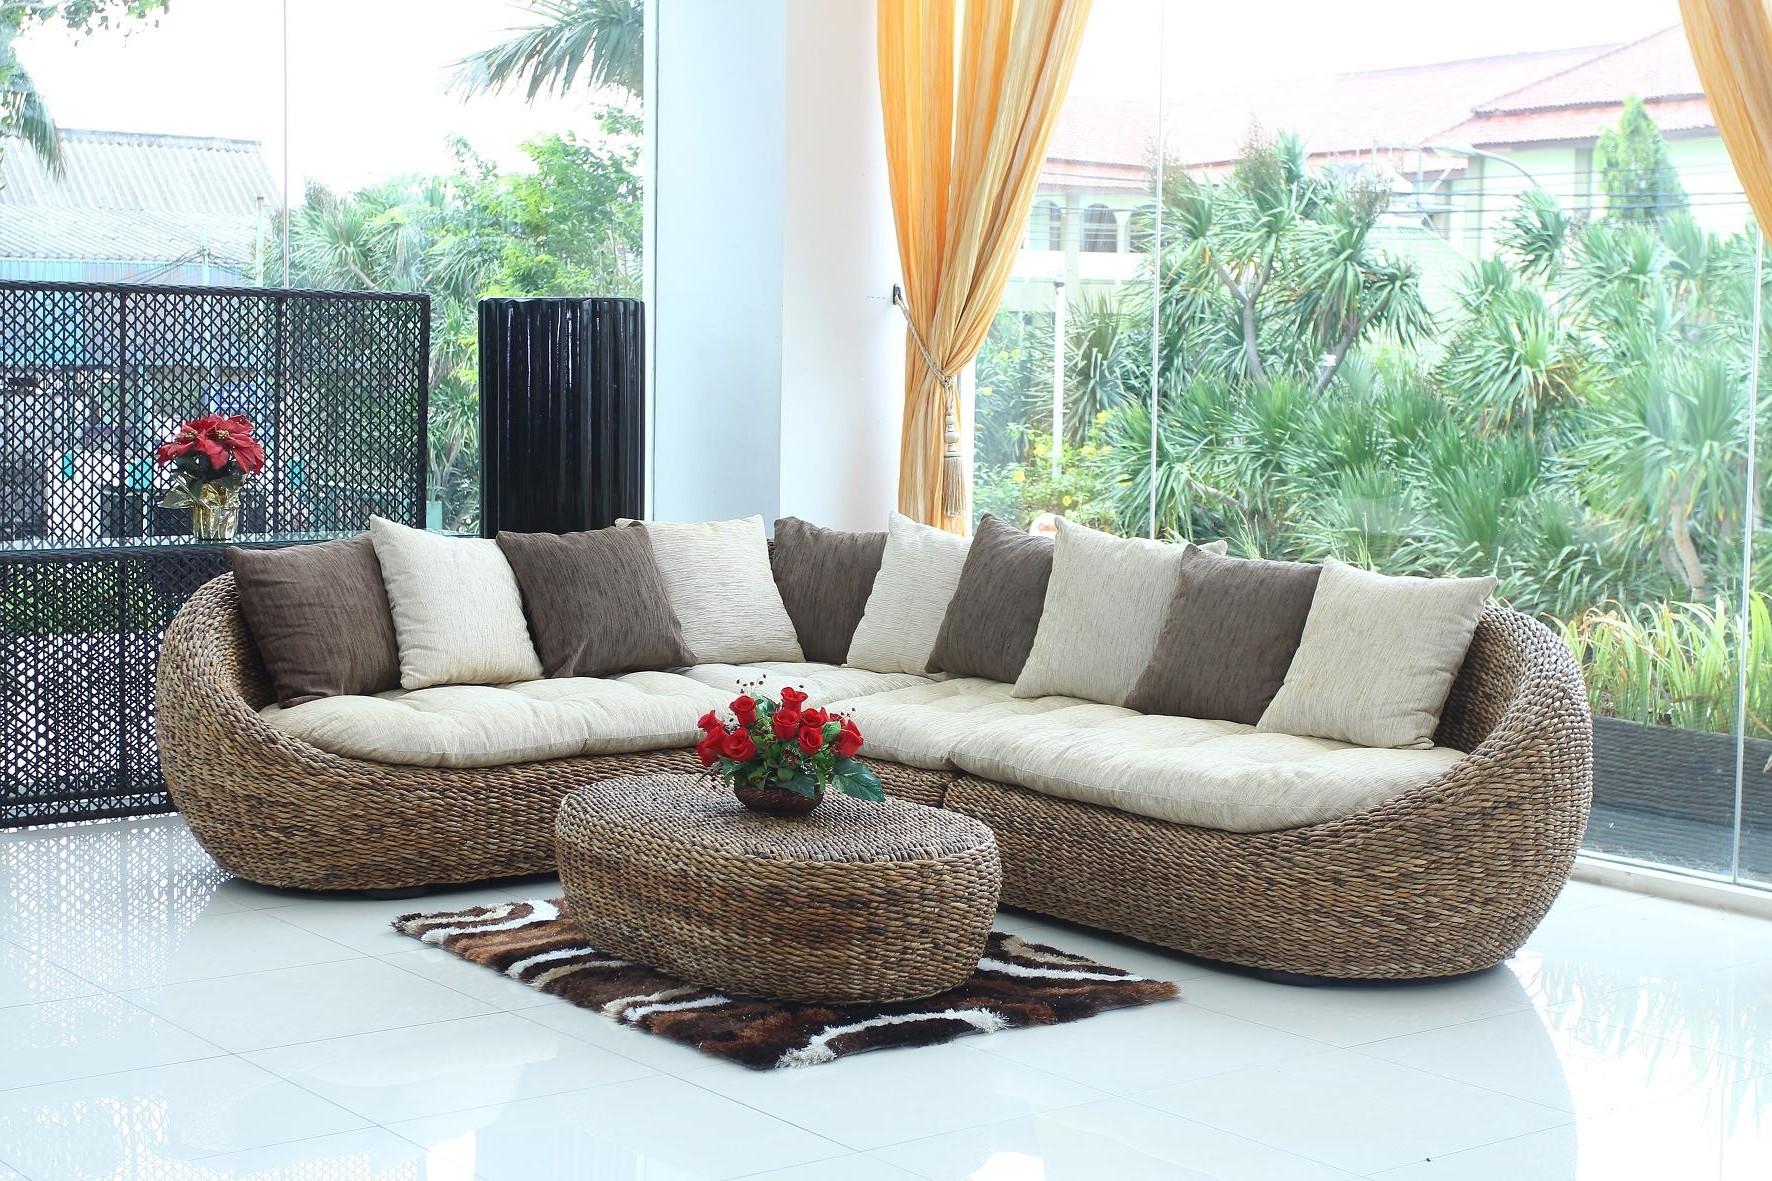 canape dangle en rotin tresse canap id es de d coration de maison eybjaj8do7. Black Bedroom Furniture Sets. Home Design Ideas